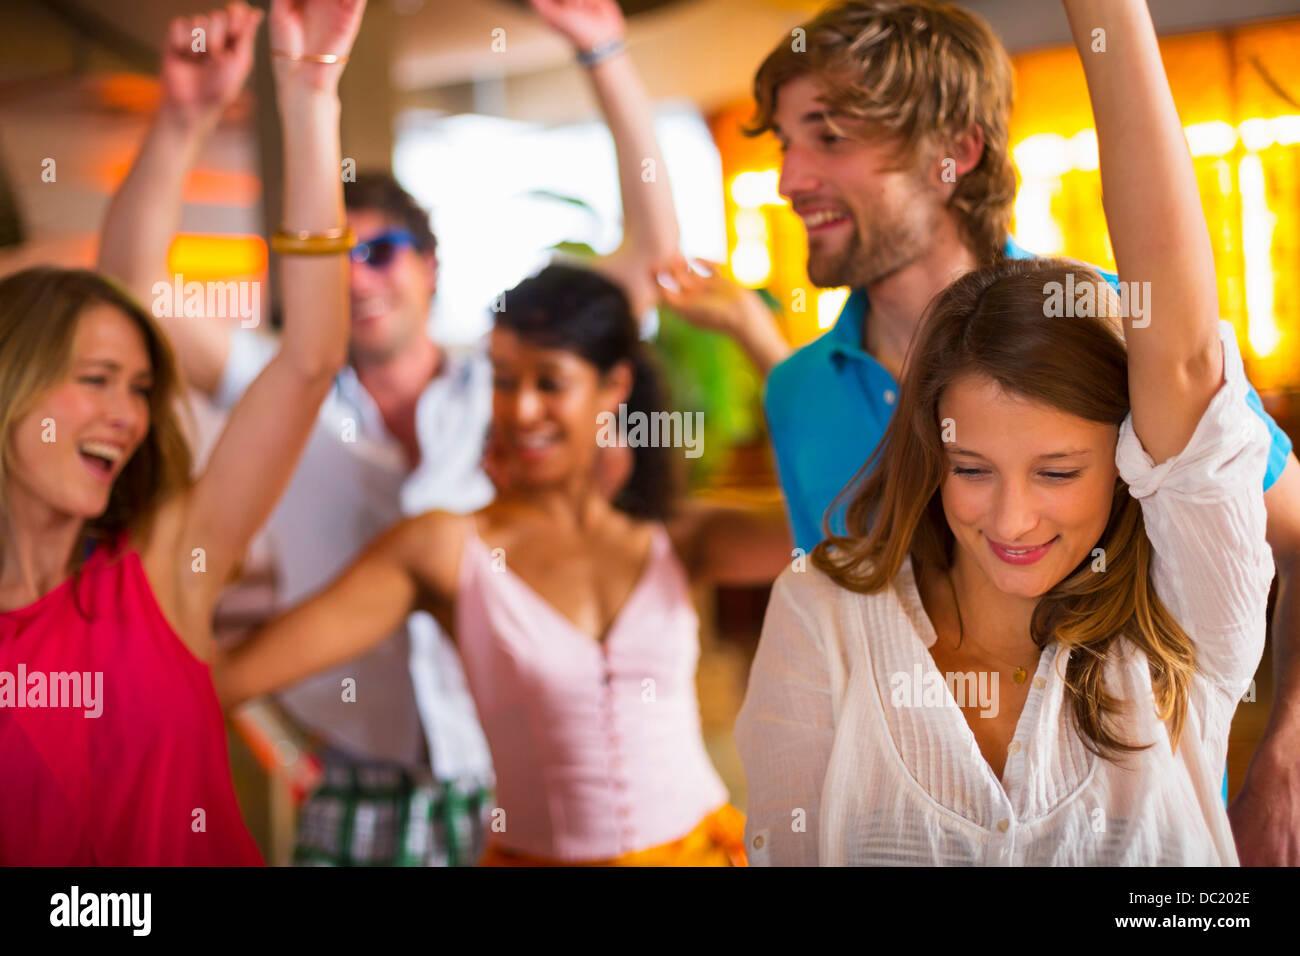 Freunde tanzen mit Armen in der Bar Stockbild